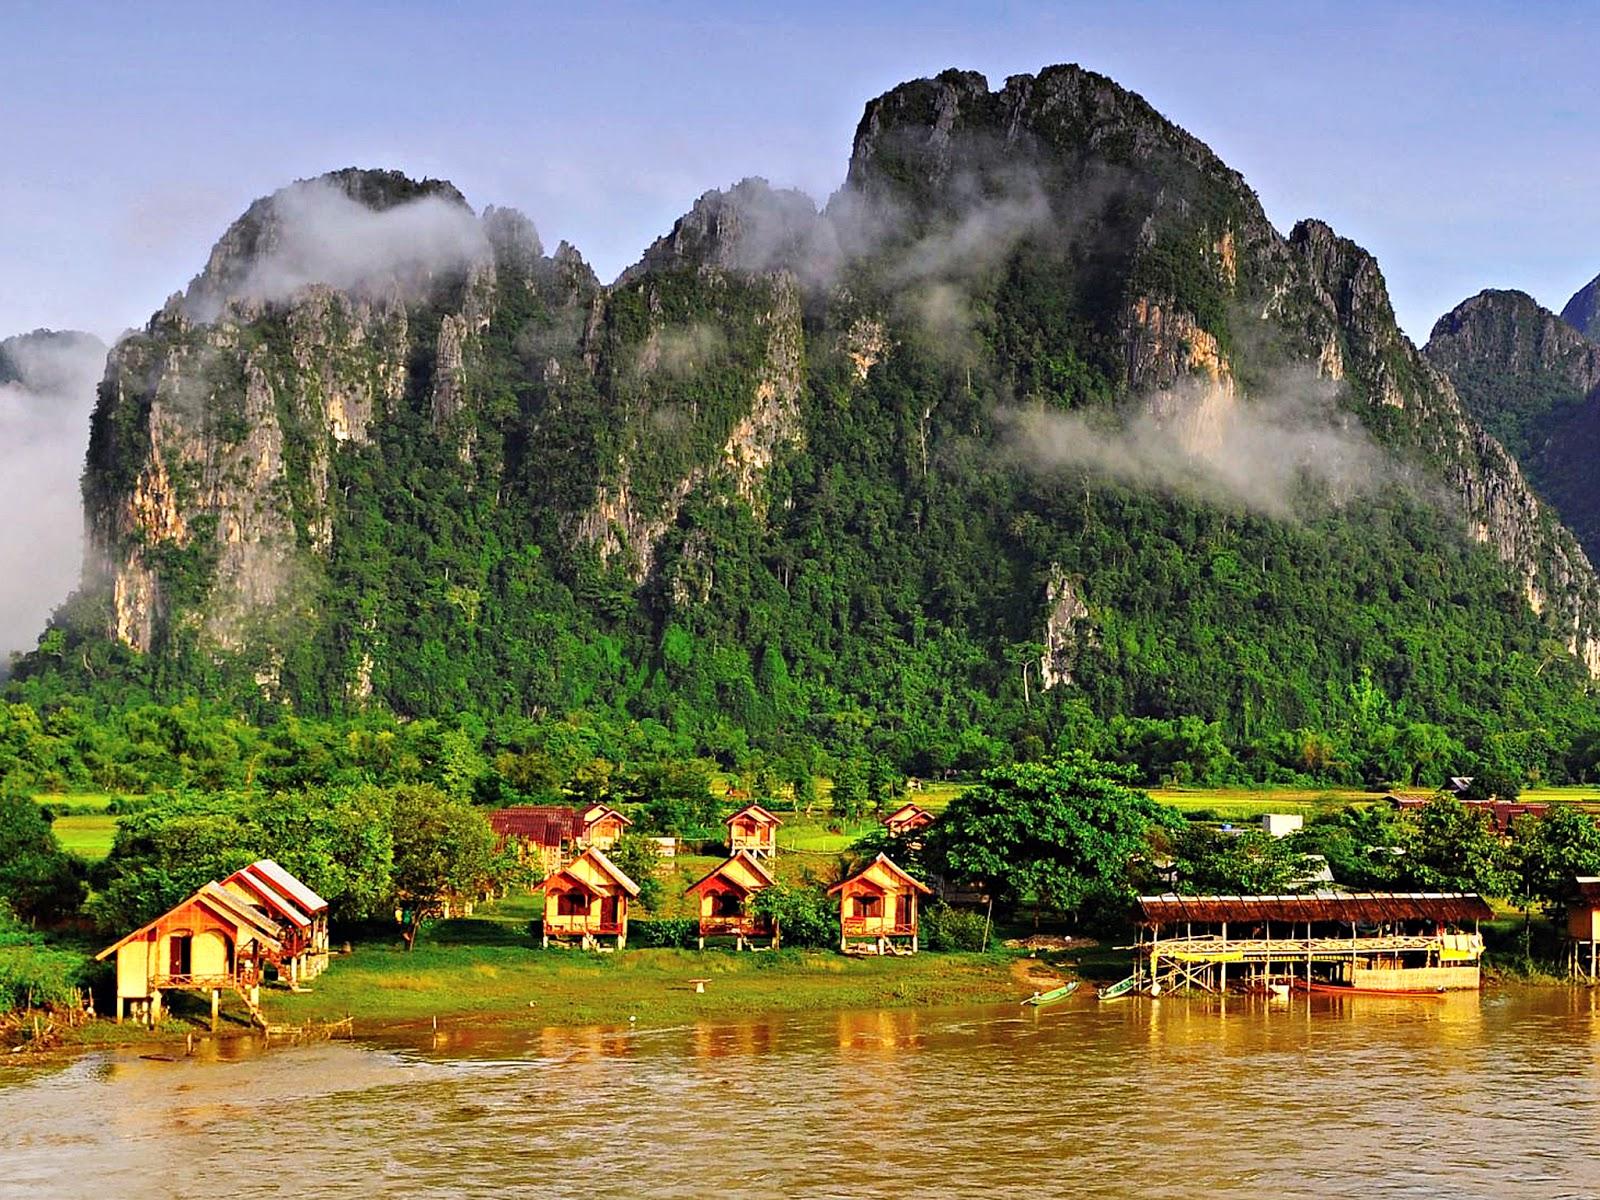 Un site web à découvrir : laosvo.com